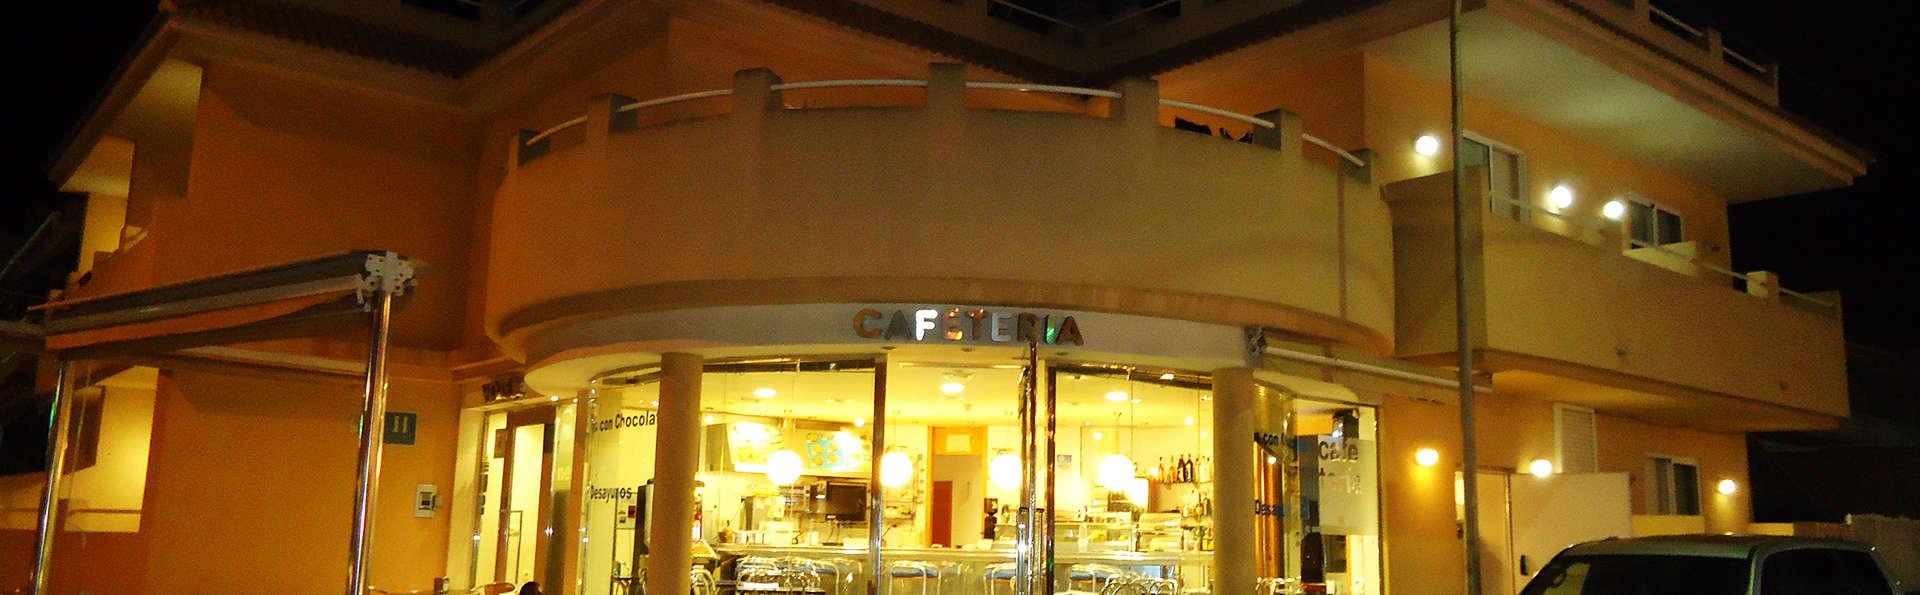 Hotel Mar Menor - EDIT_front.jpg